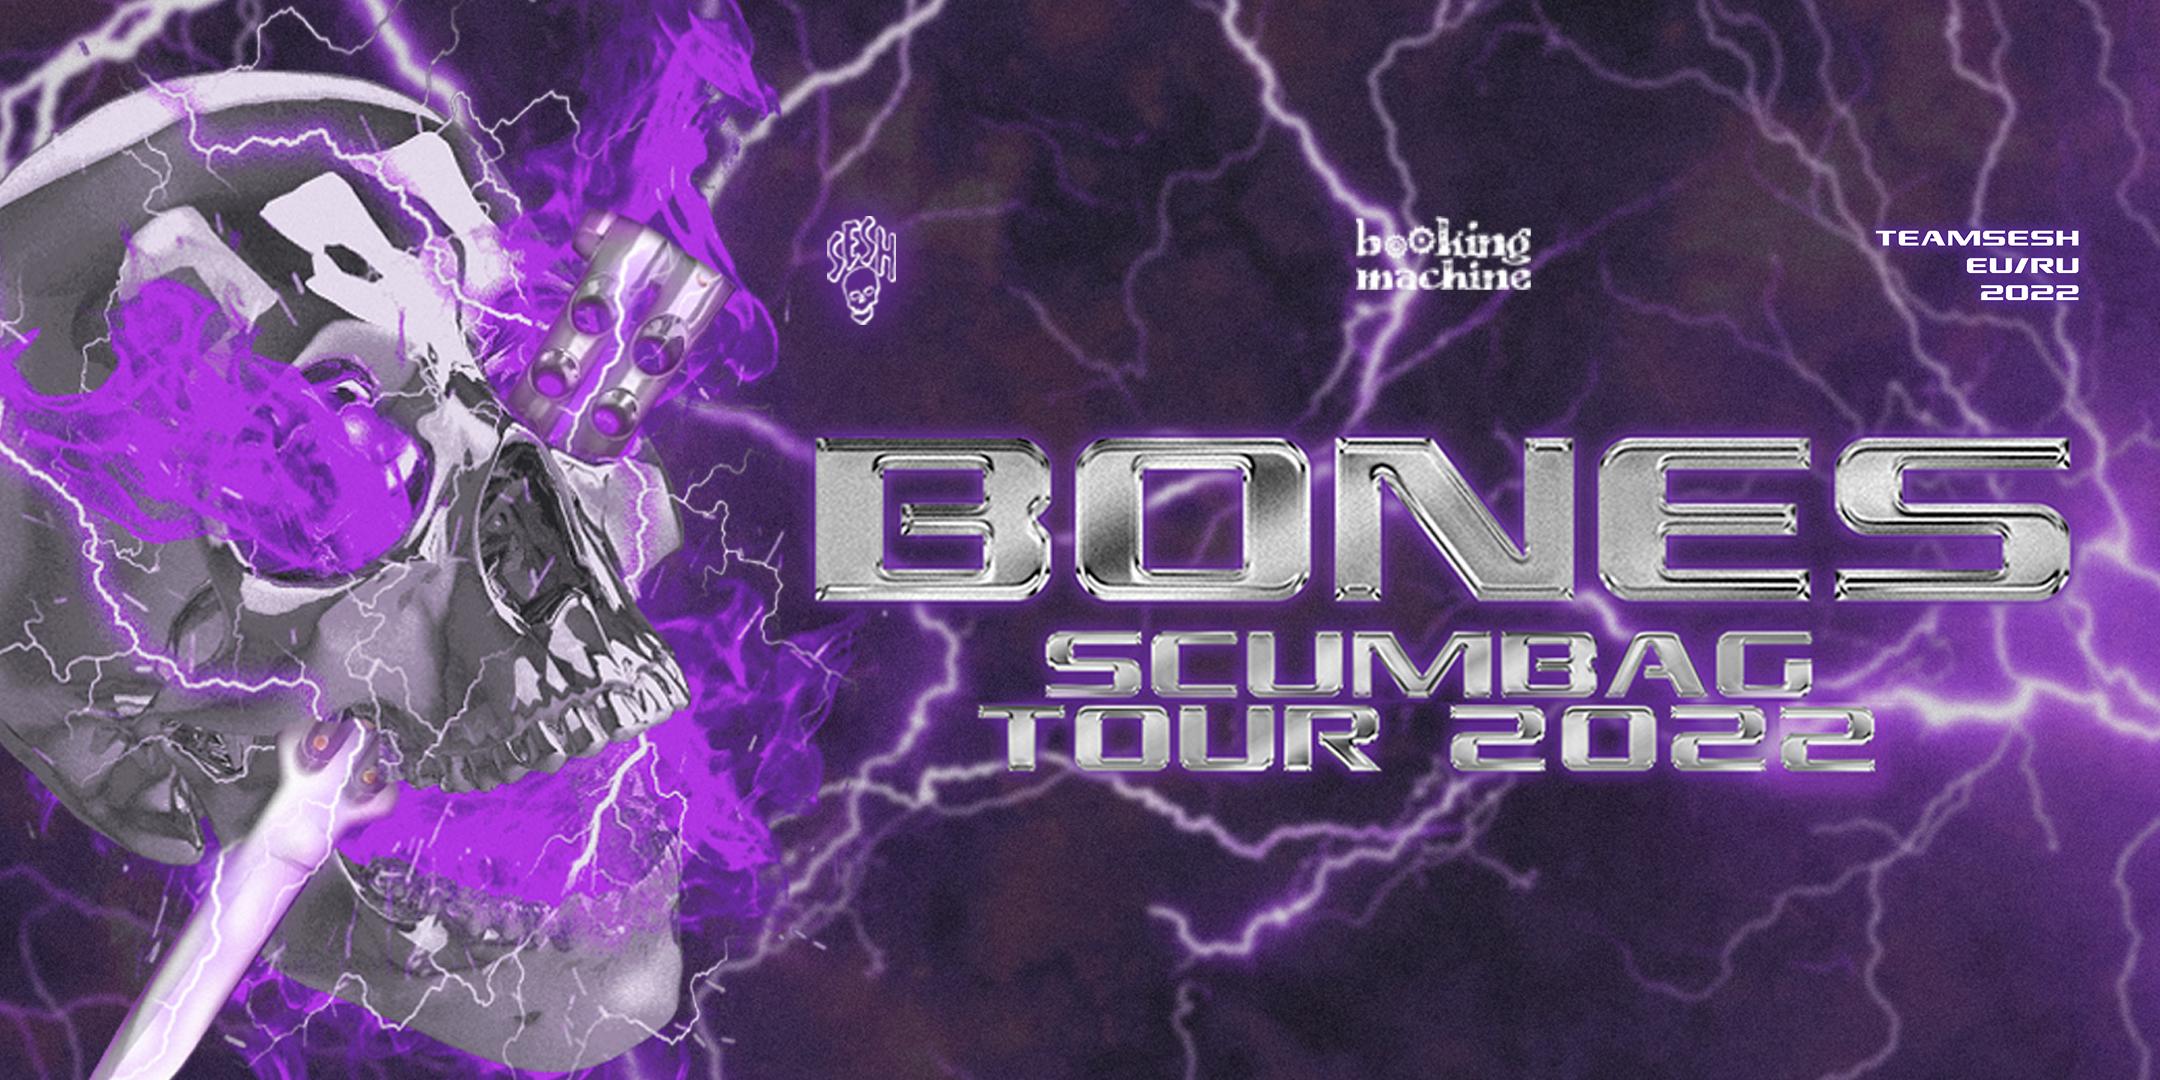 BONES (TeamSESH, USA)